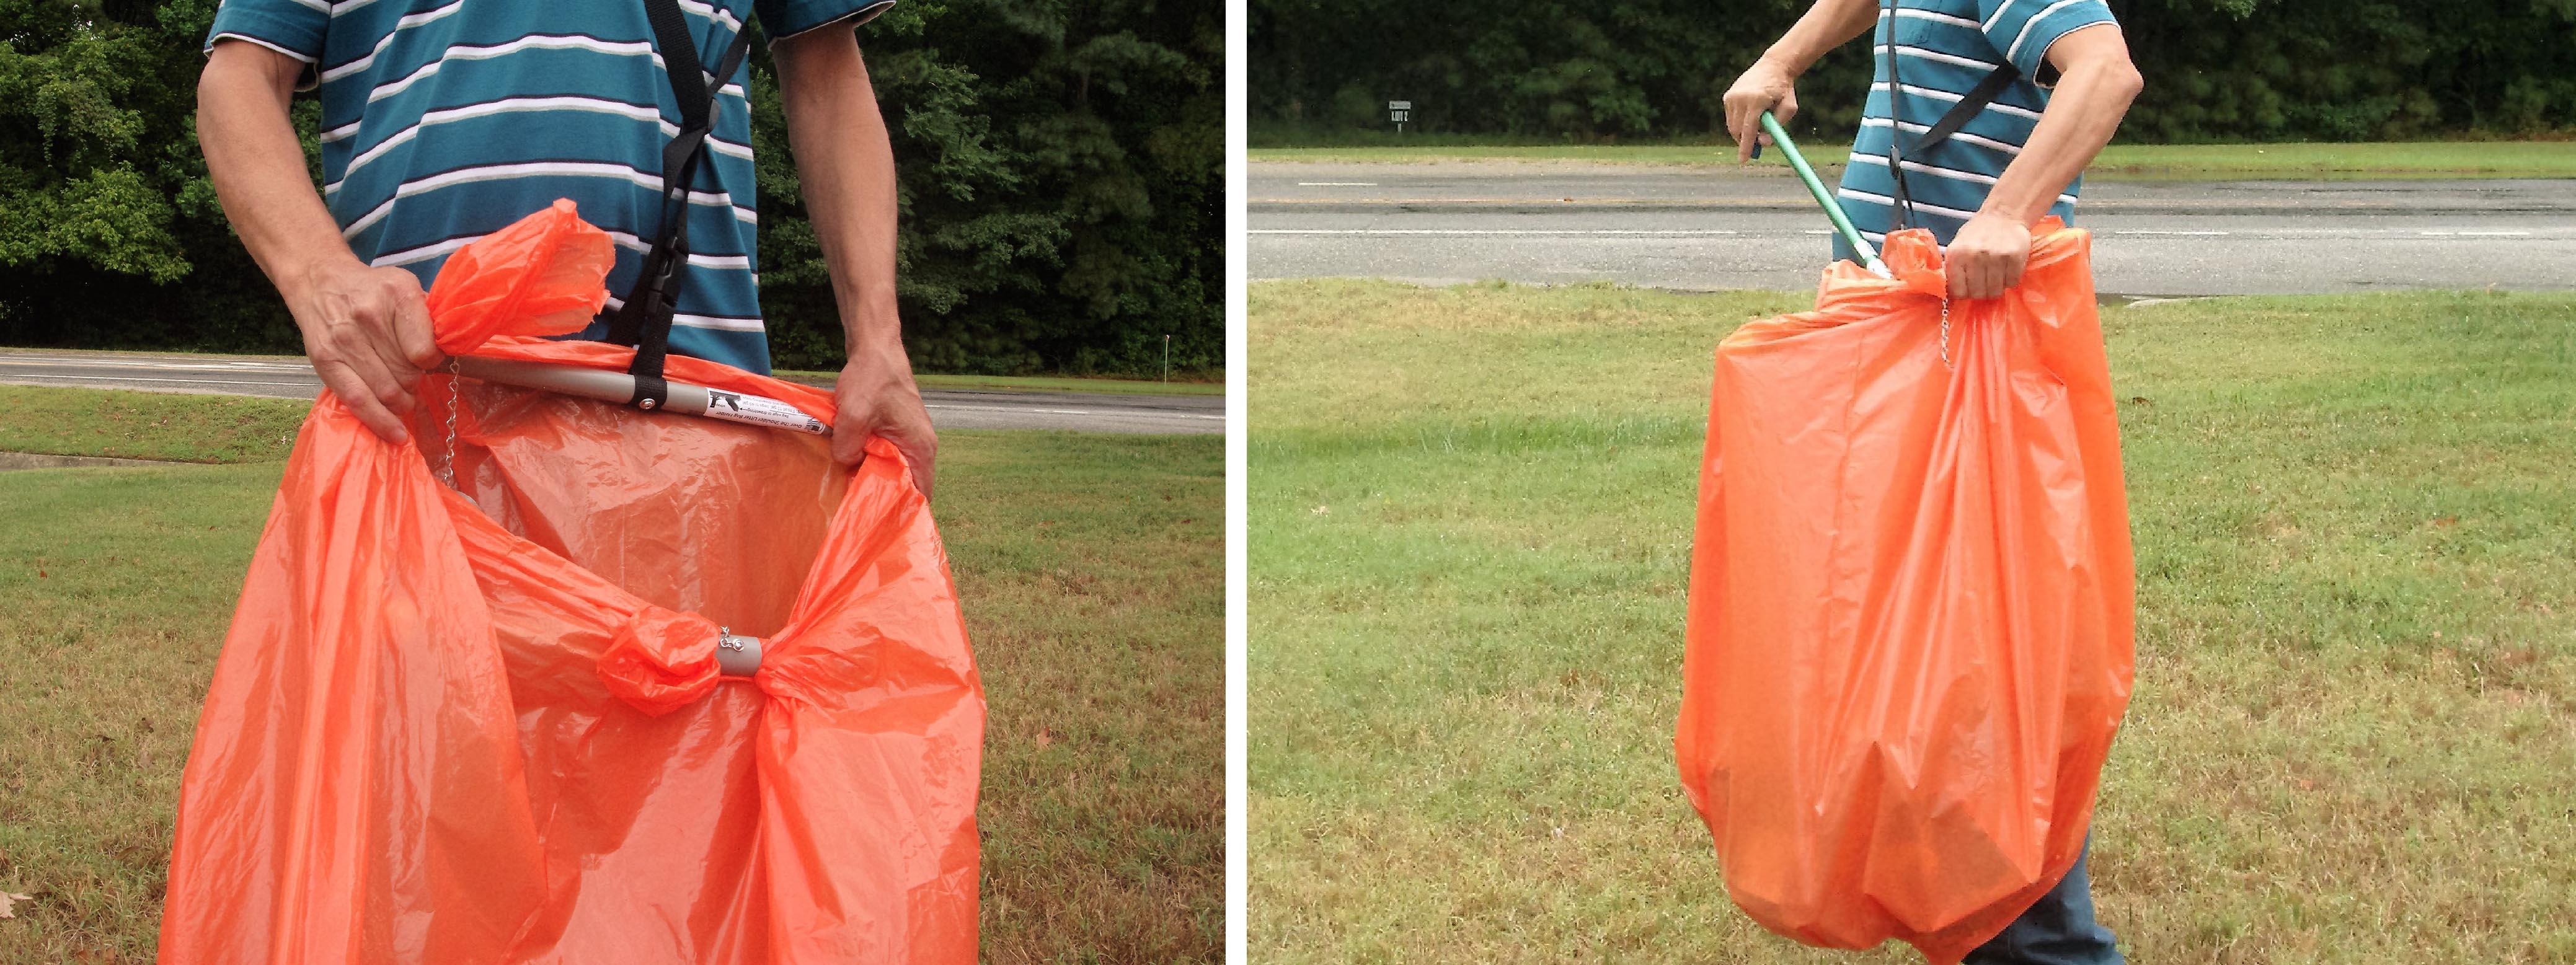 Over Shoulder Trash Bag Holder